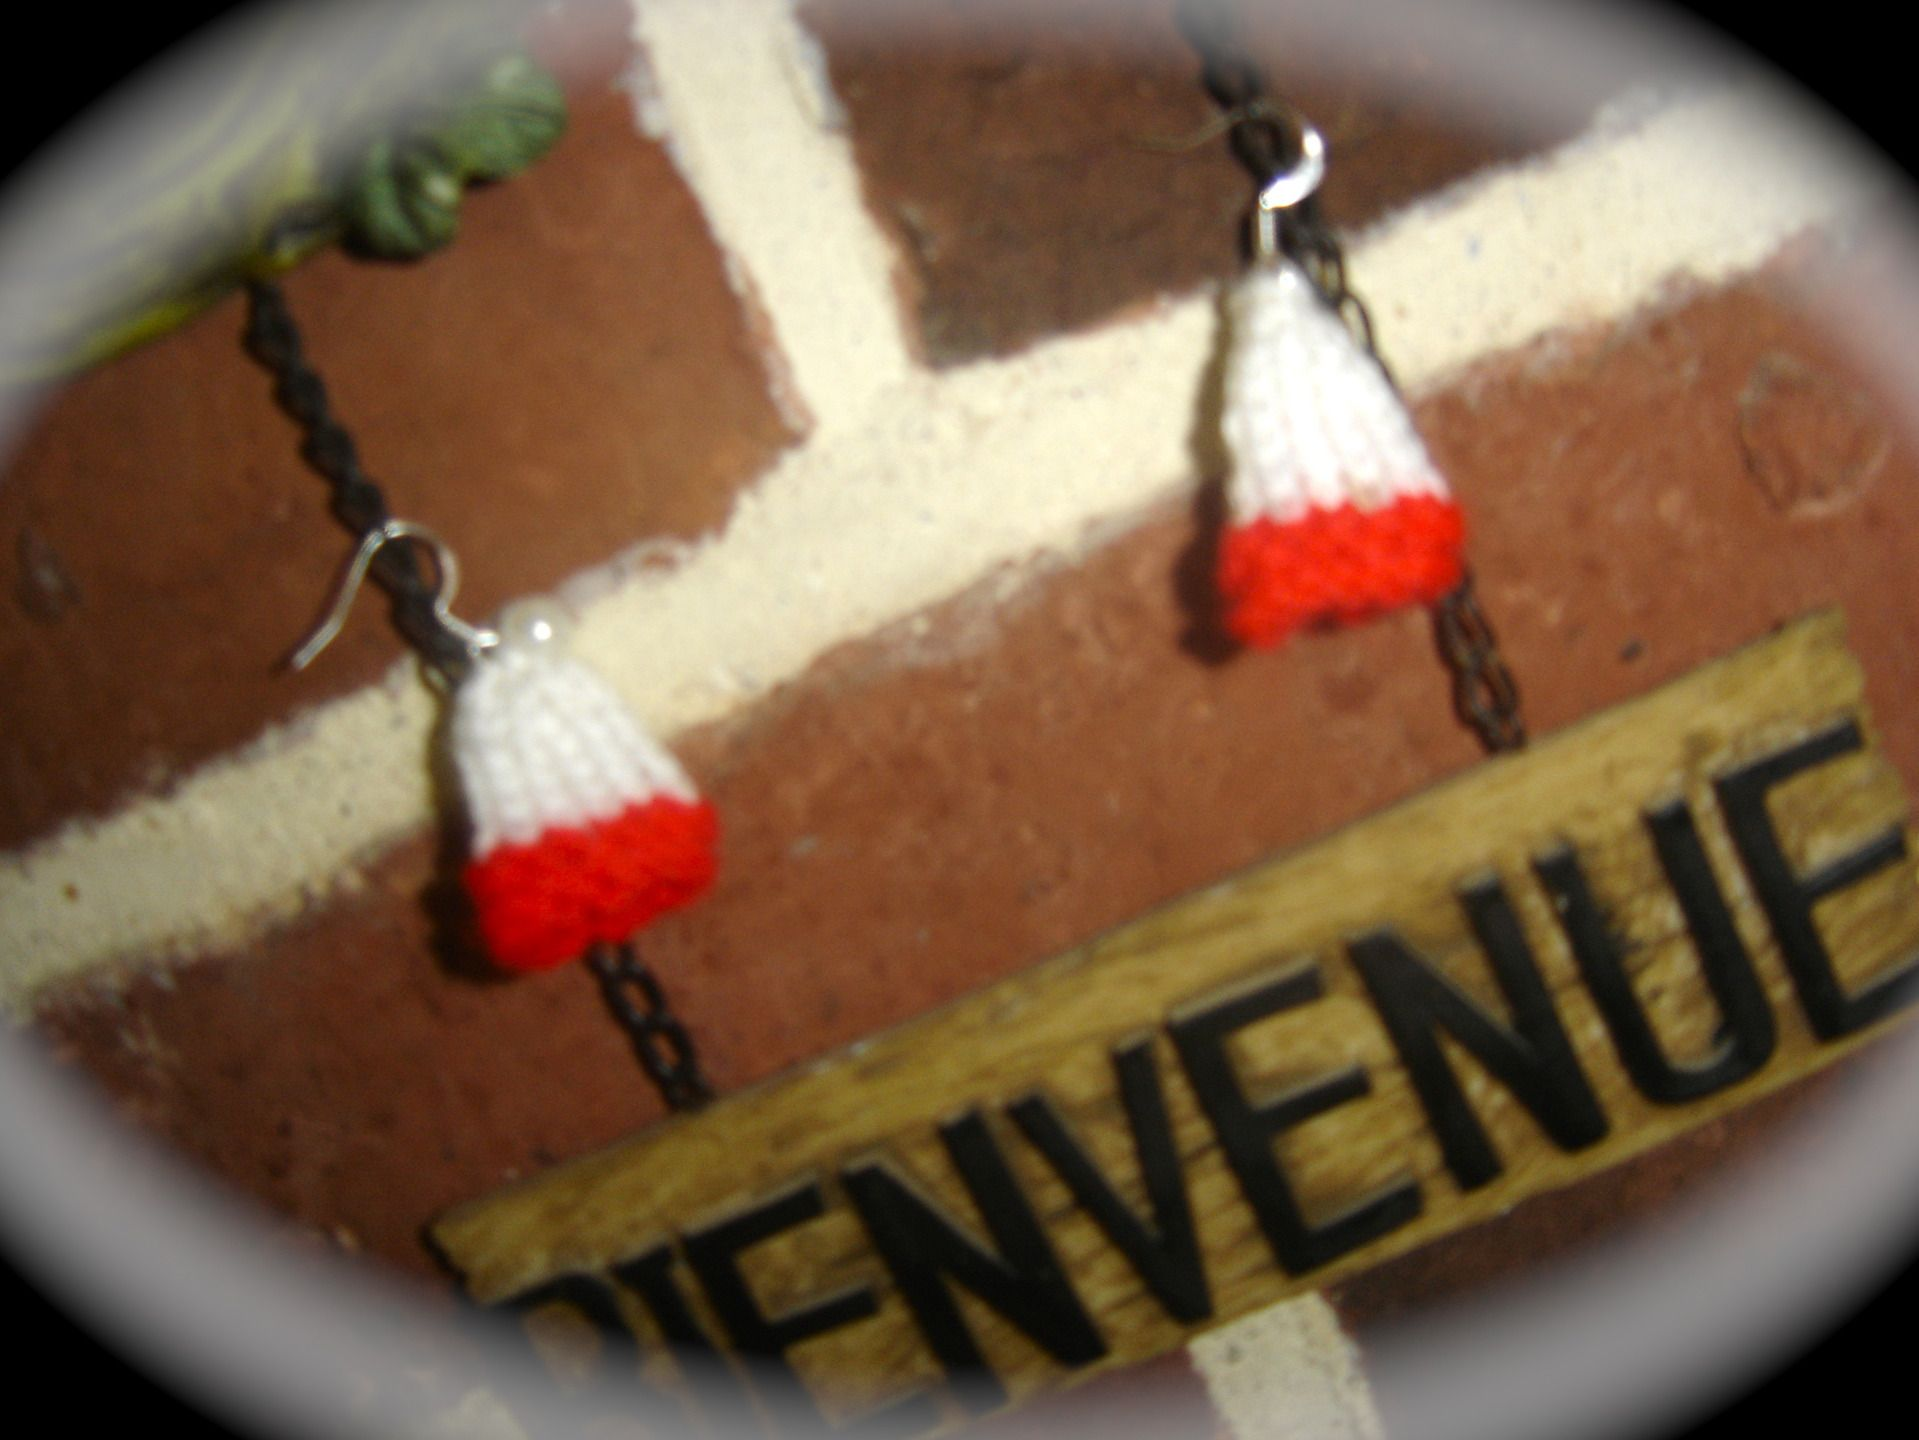 Boucles d'oreille bonnet miniature de Noel tricotées main : Boucles d'oreille par jodestyl